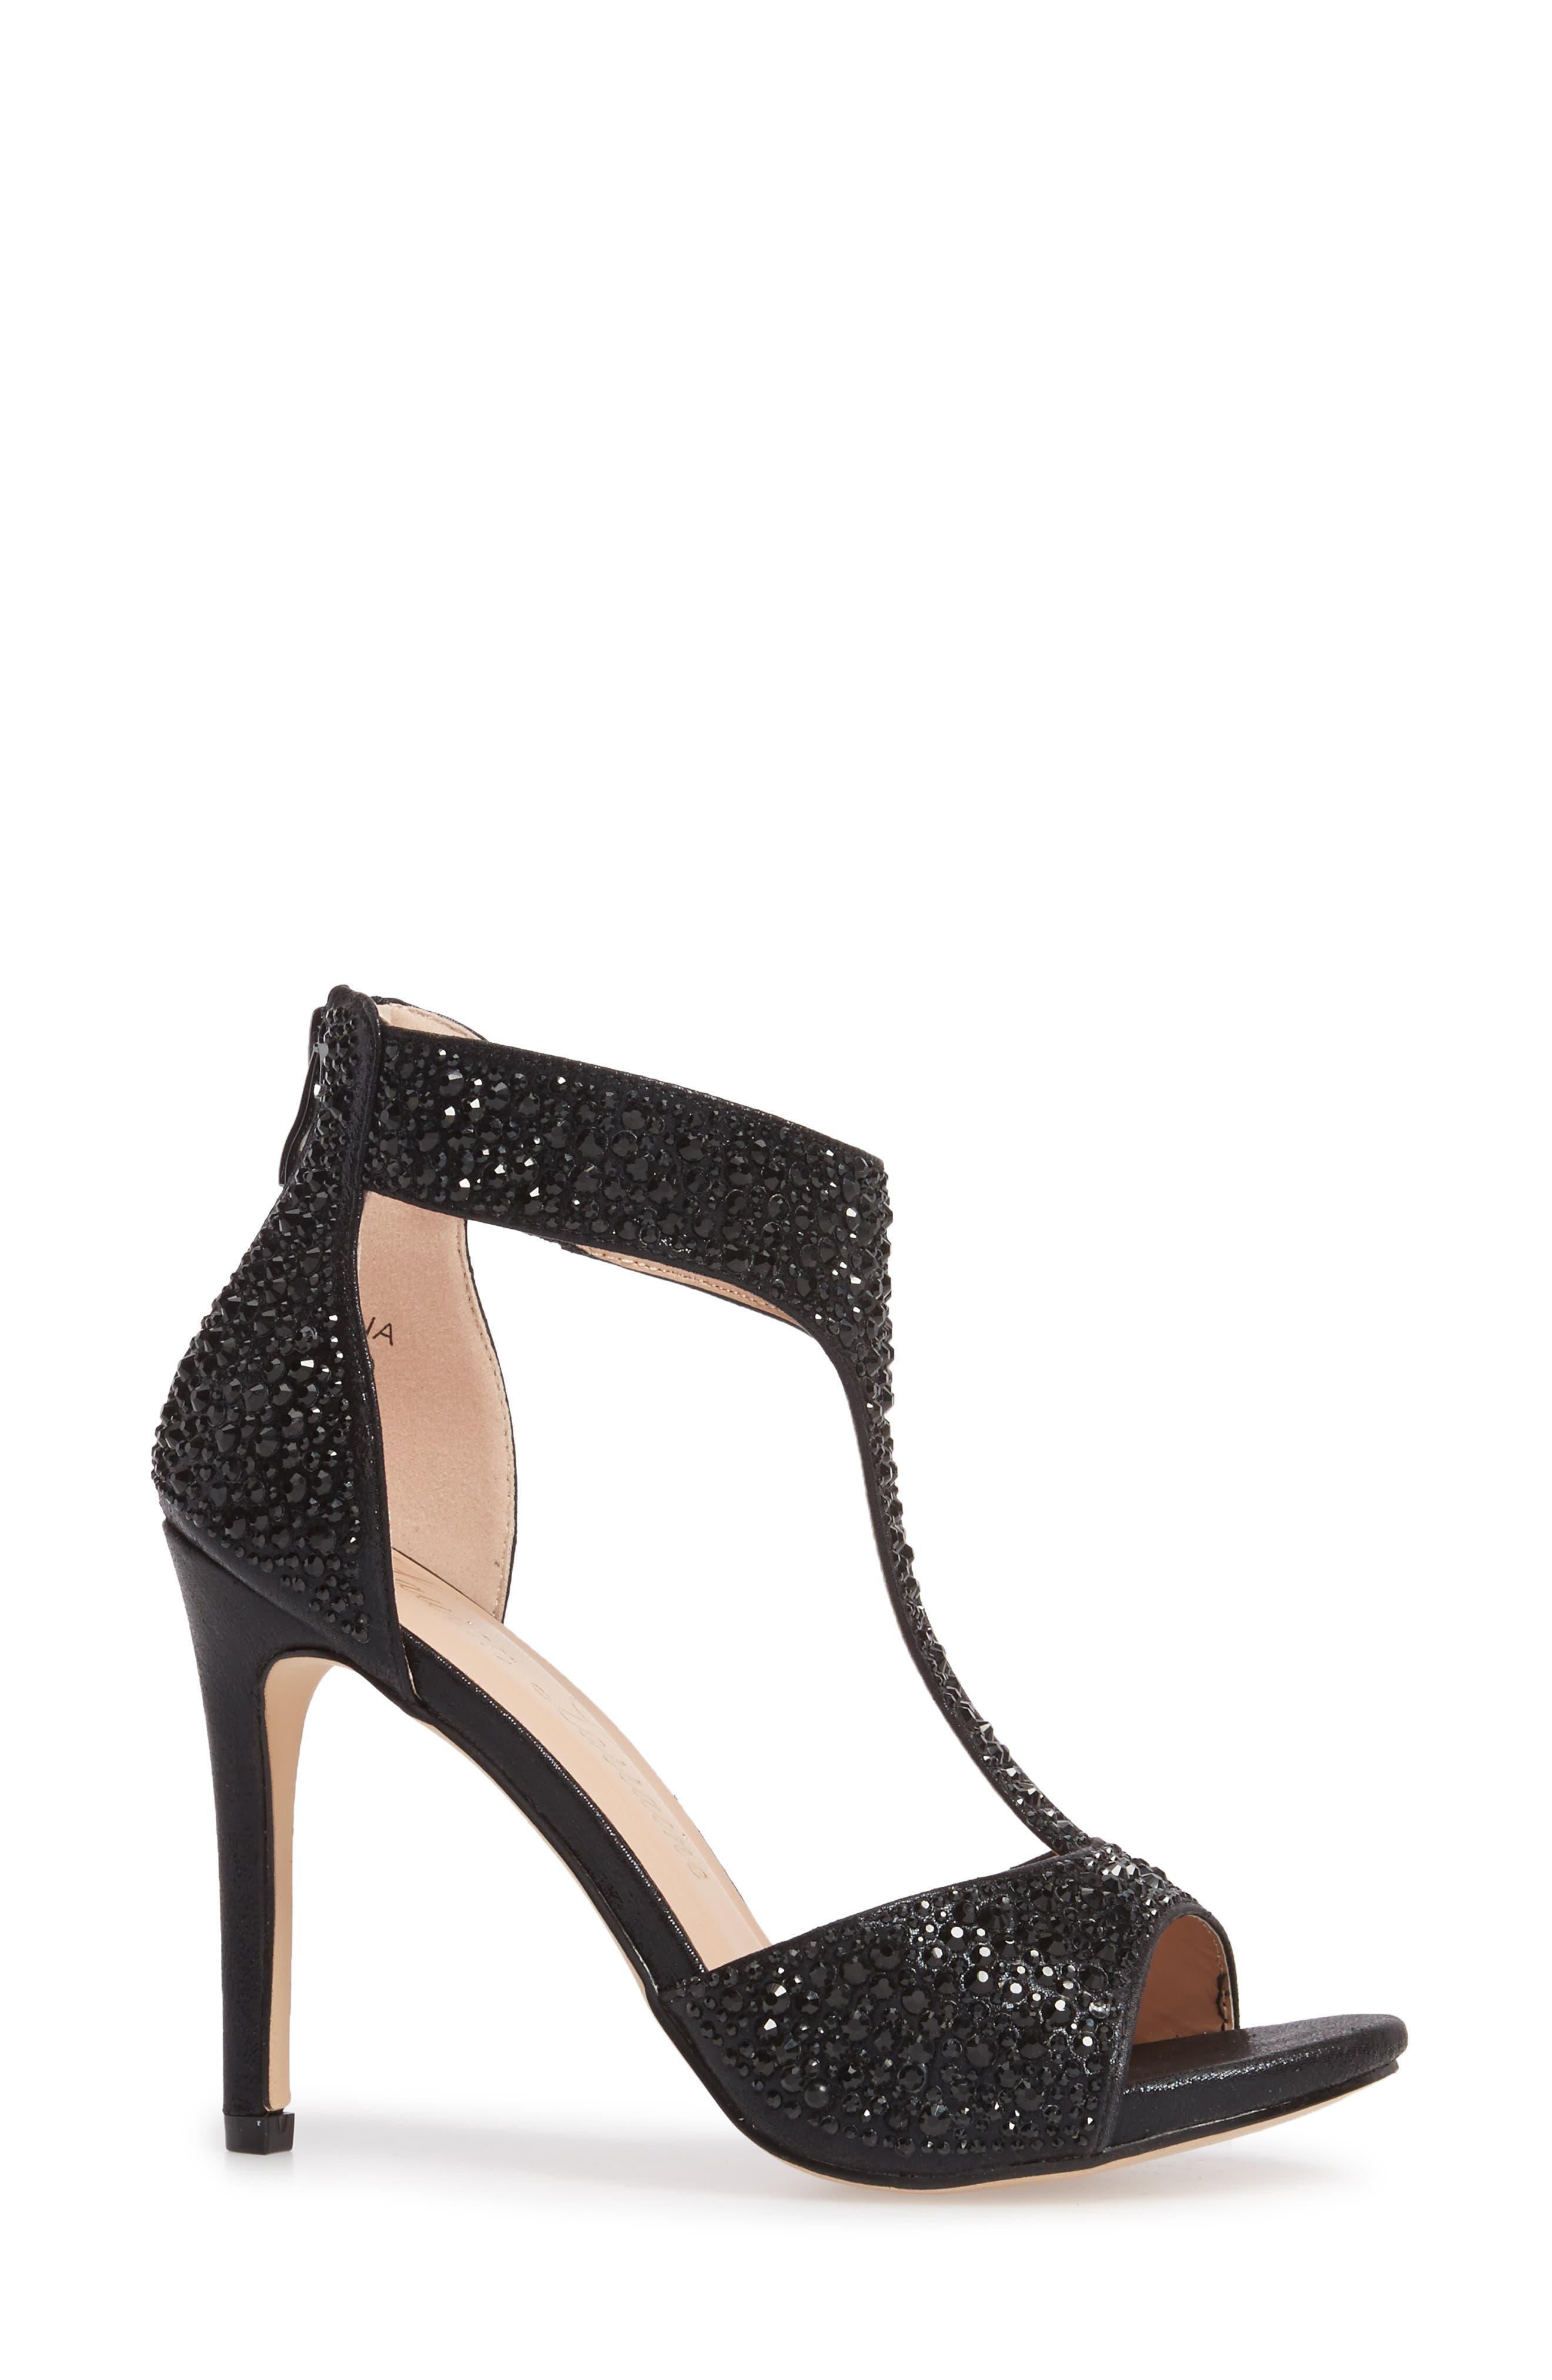 Ina Crystal Embellished Sandal,                             Alternate thumbnail 3, color,                             BLACK